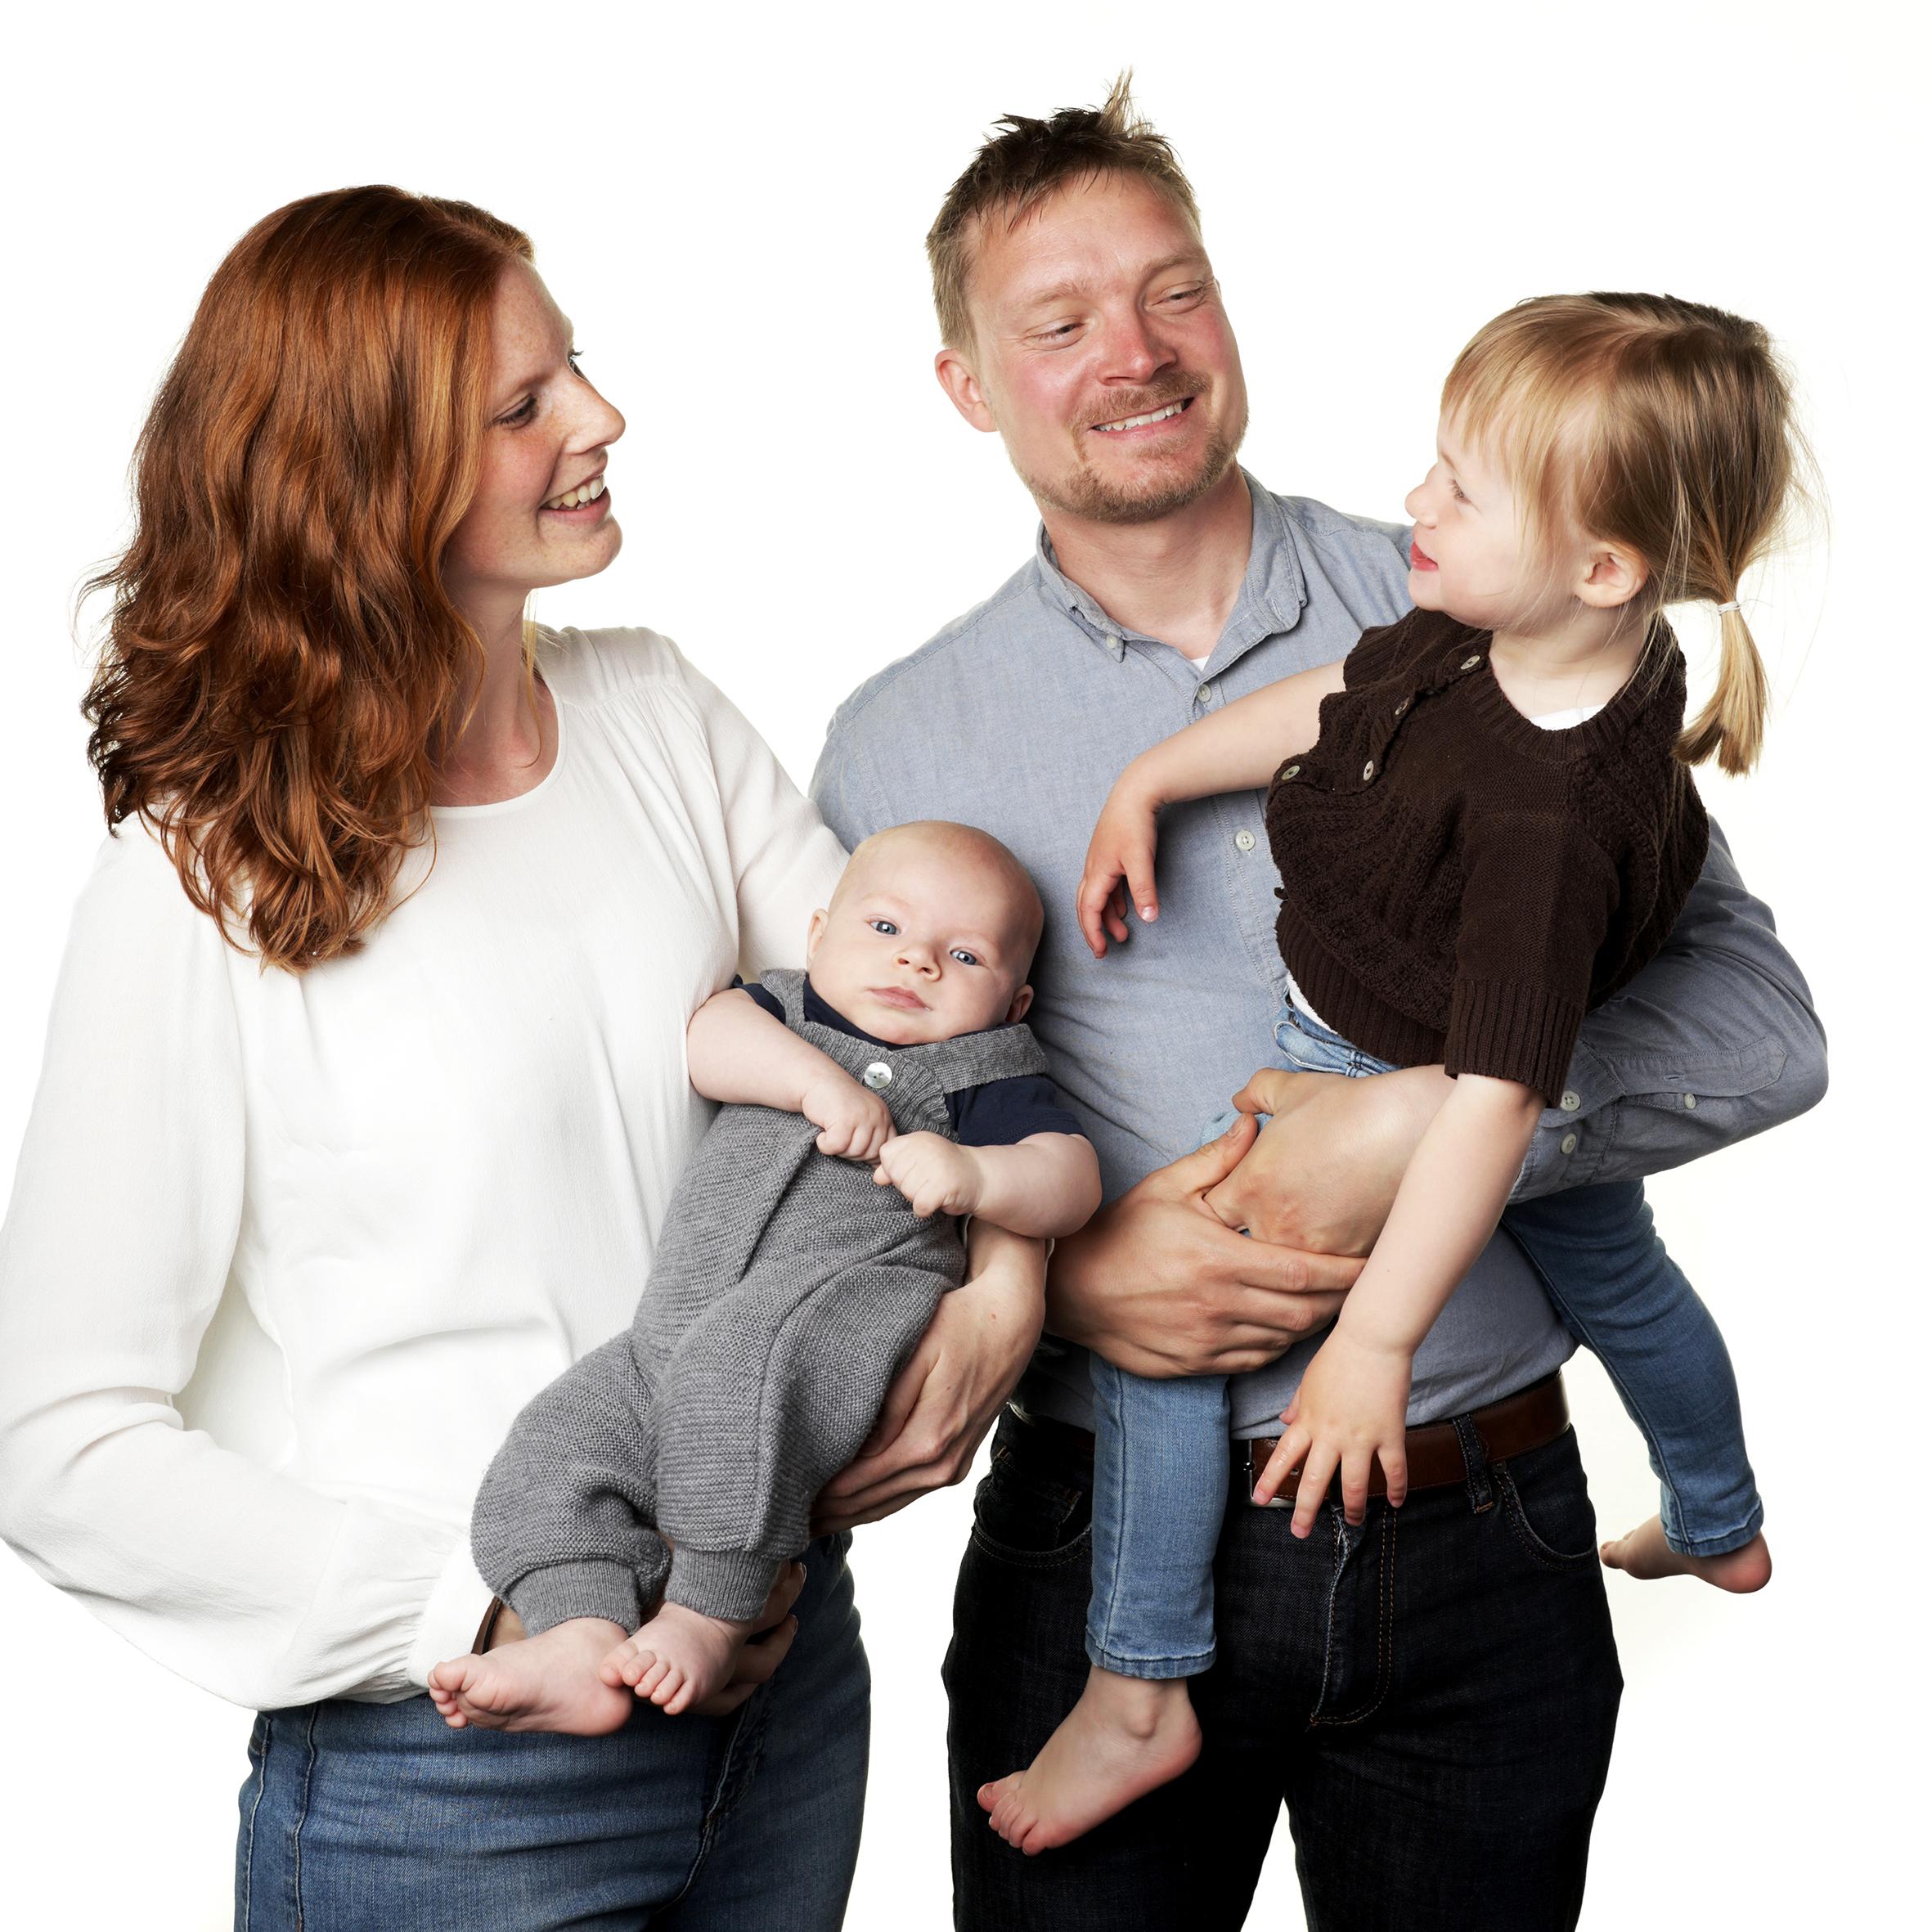 Familie Fotografering